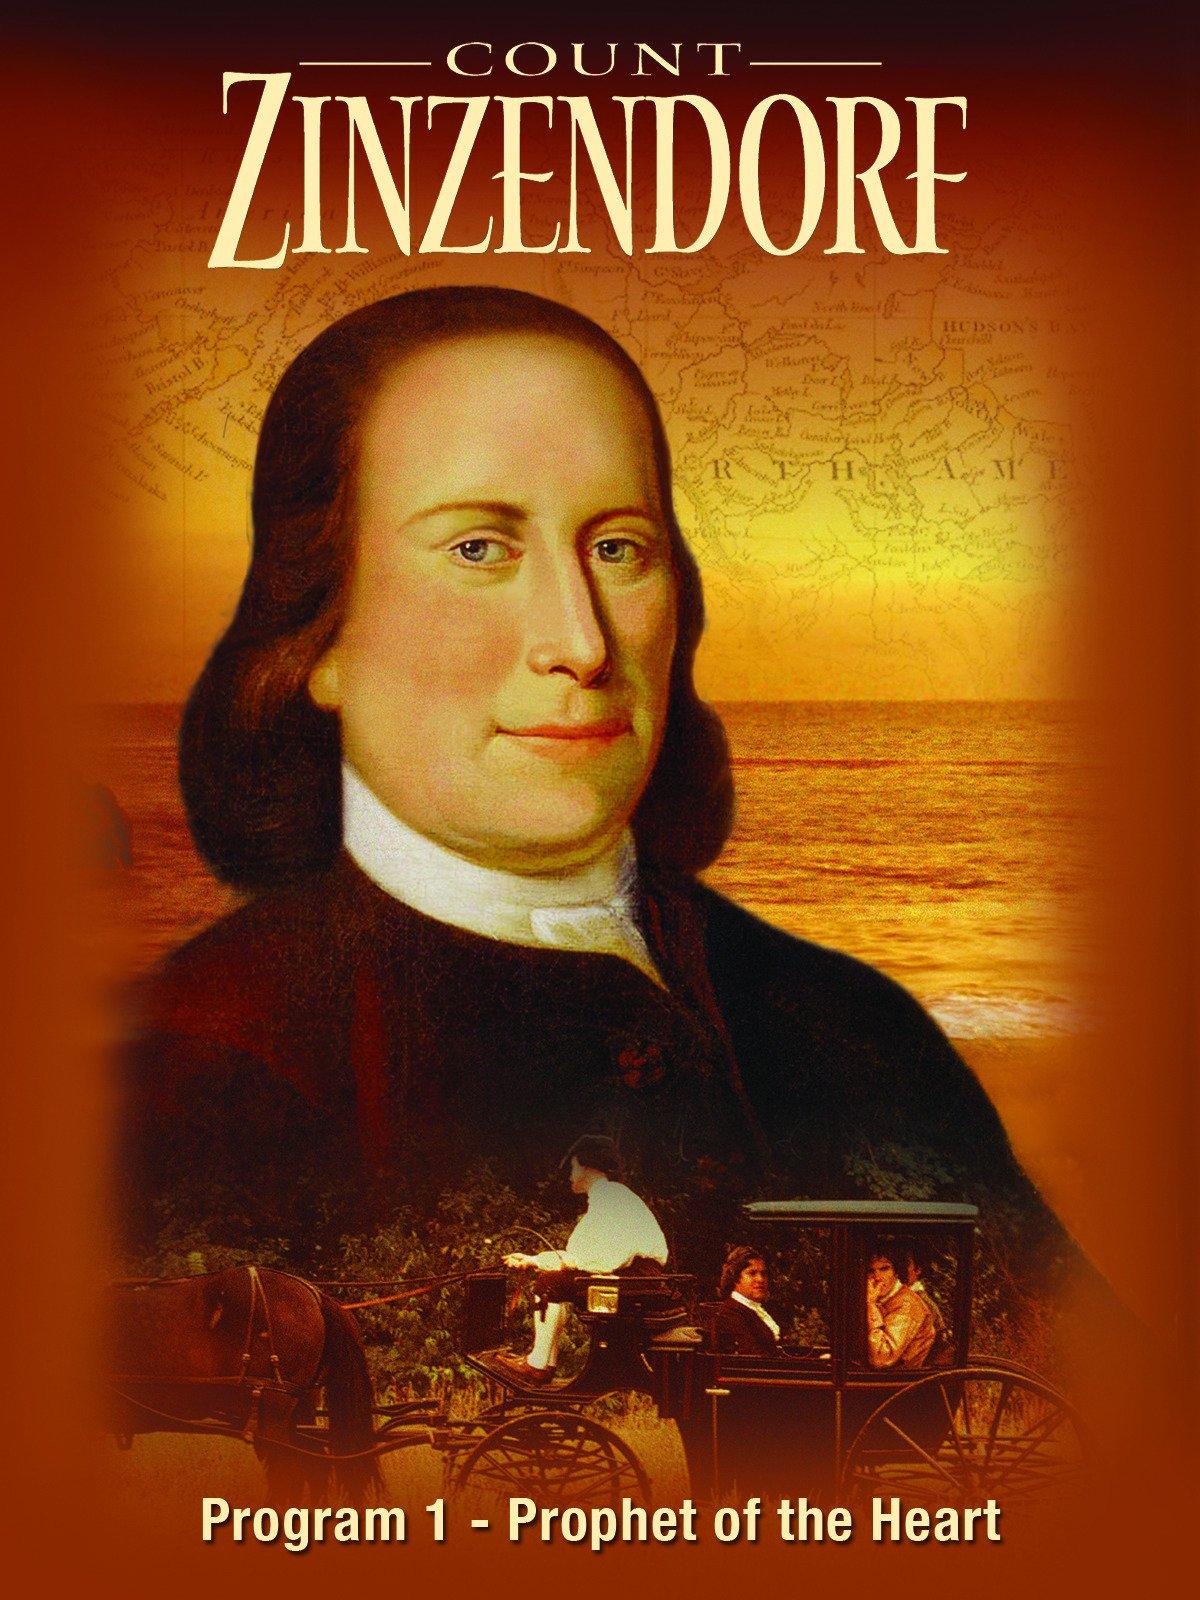 Count Zinzendorf Program 1